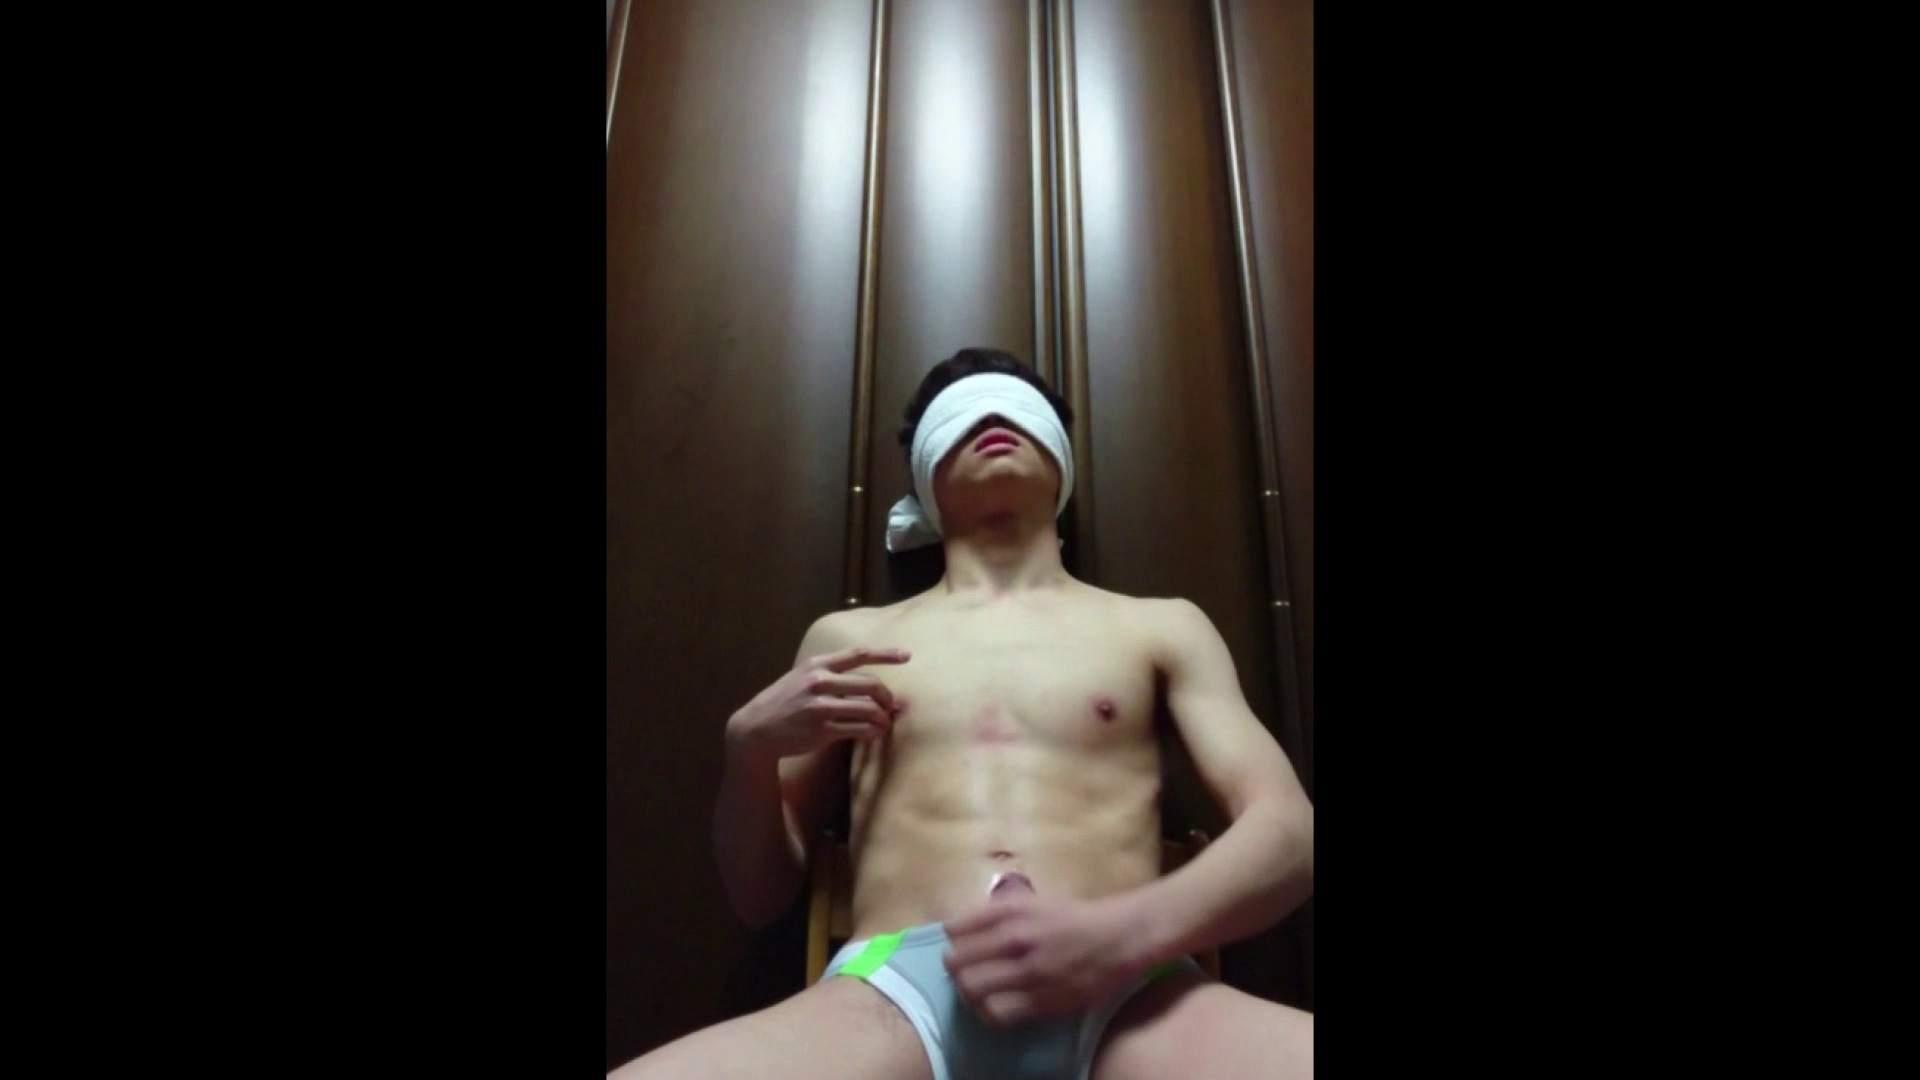 個人撮影 自慰の極意 Vol.21 ゲイの自慰 ゲイモロ画像 93pic 14